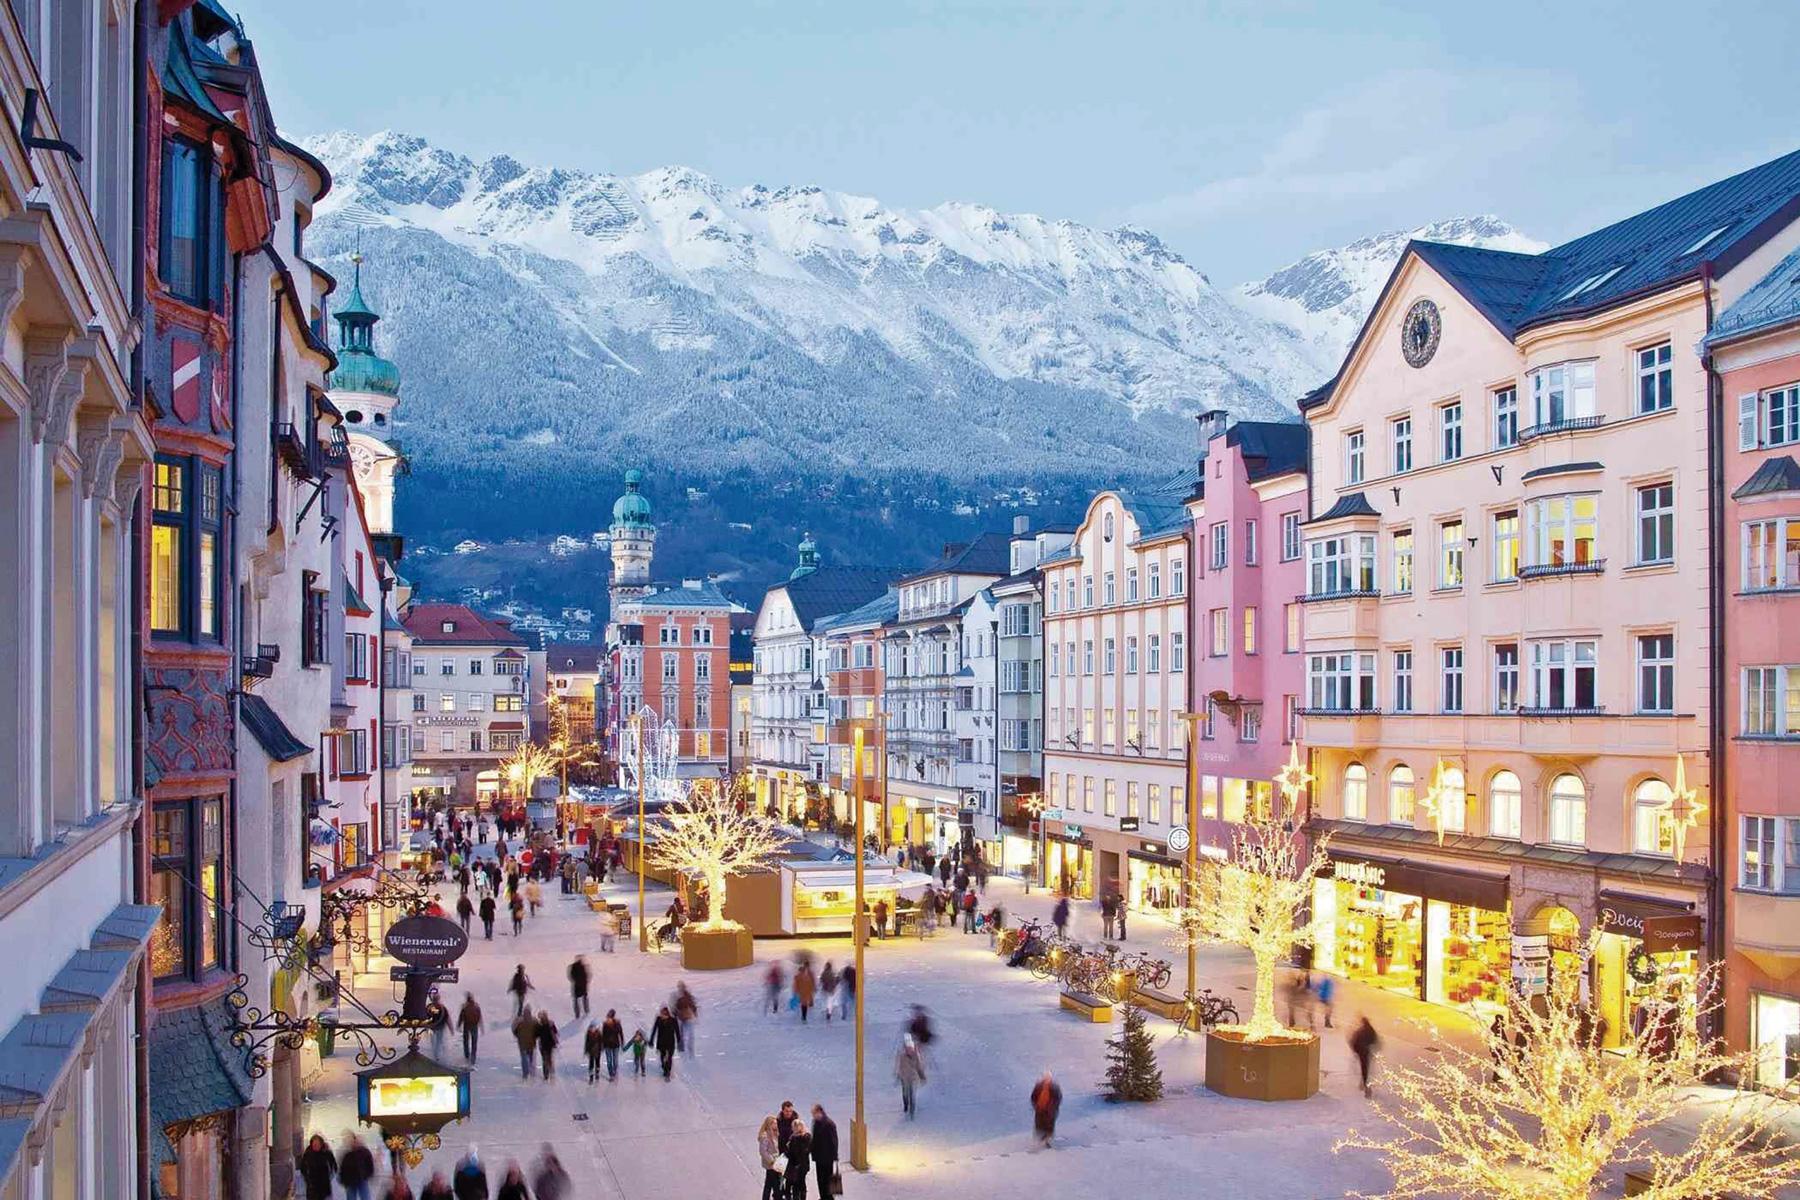 Salzburgo, Áustria ©D.R.